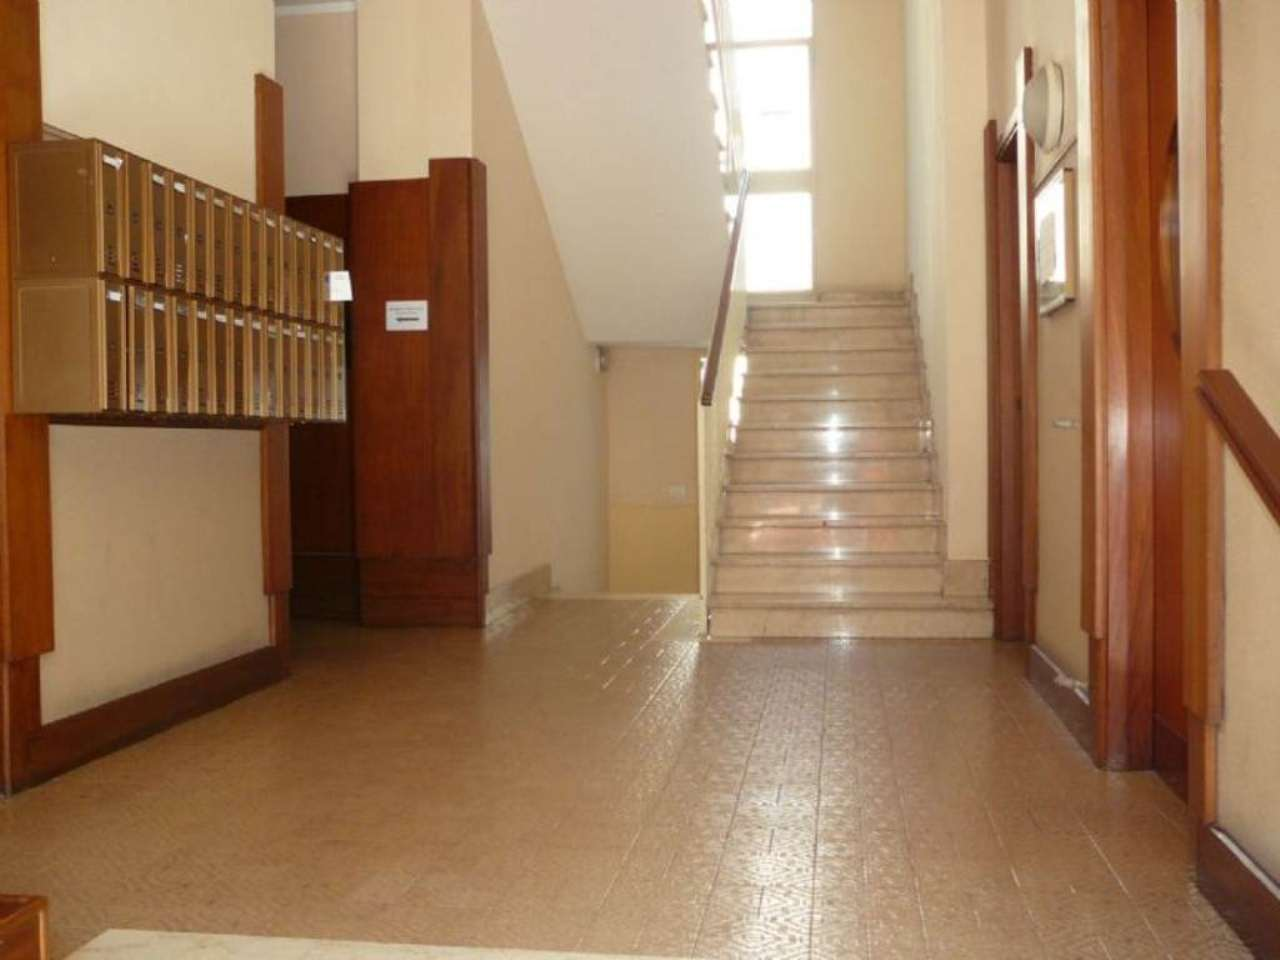 Bilocale Casale Monferrato Via Eleuterio Pagliano 11